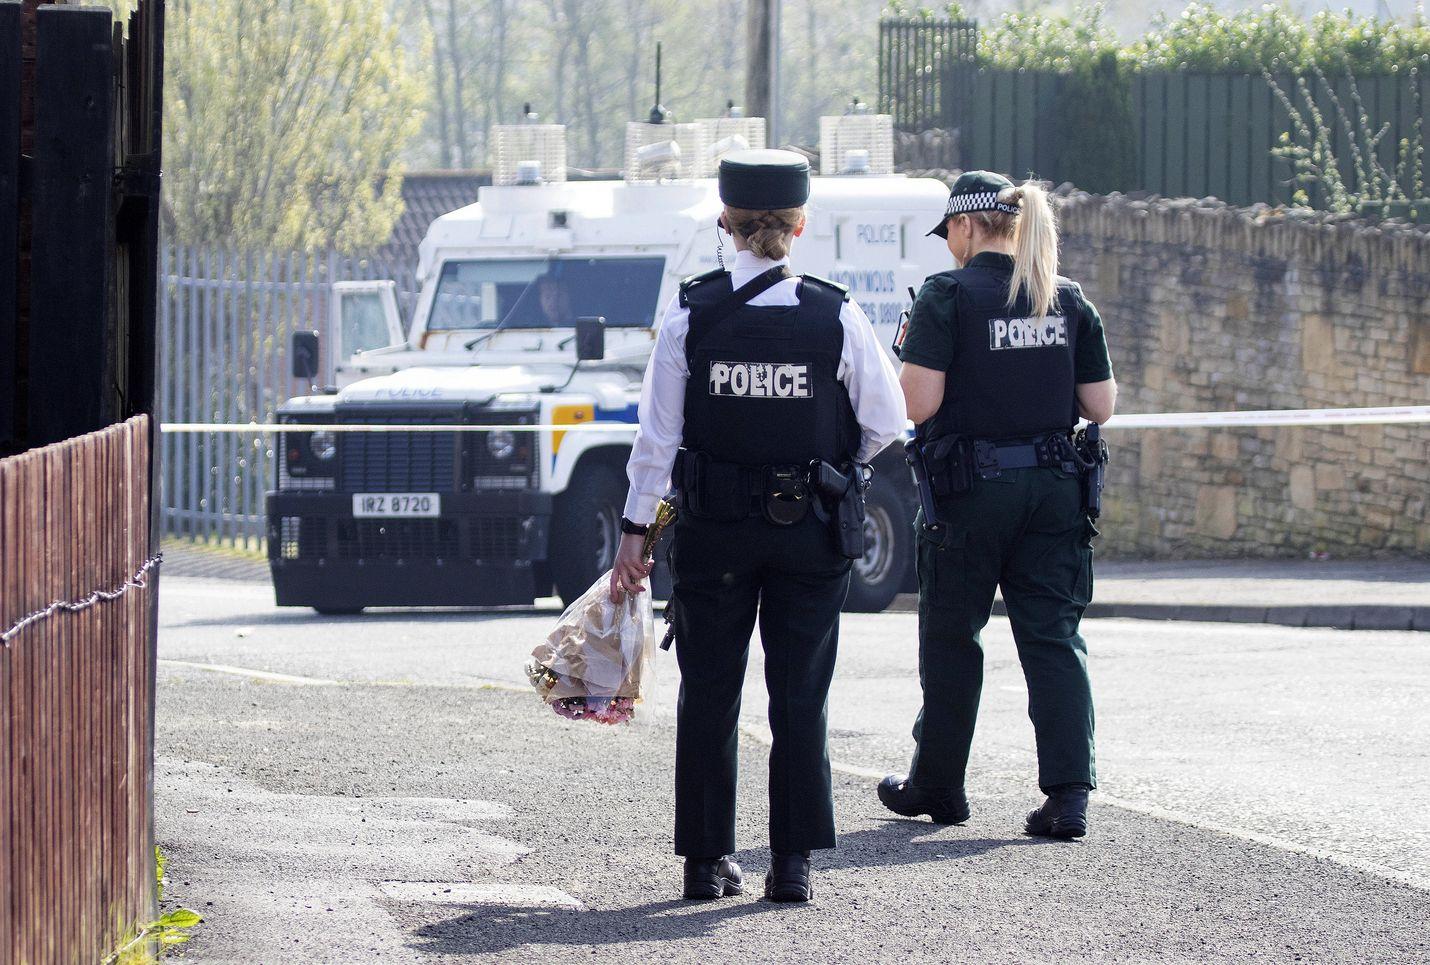 Poliisit veivät kukkia paikalle, jossa 29-vuotias toimittaja kuoli Londonderryn kaupungissa Pohjois-Irlannissa myöhään torstai-iltana. Ampujiksi epäillään yhtenäistä Irlantia ajavaa ääriryhmittymää.